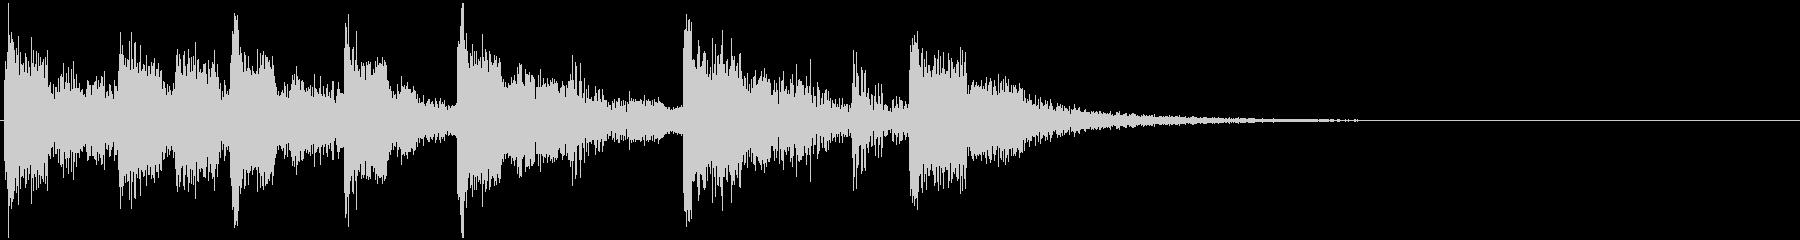 ゲームオーバー/ジングル/中世/ケルトの未再生の波形